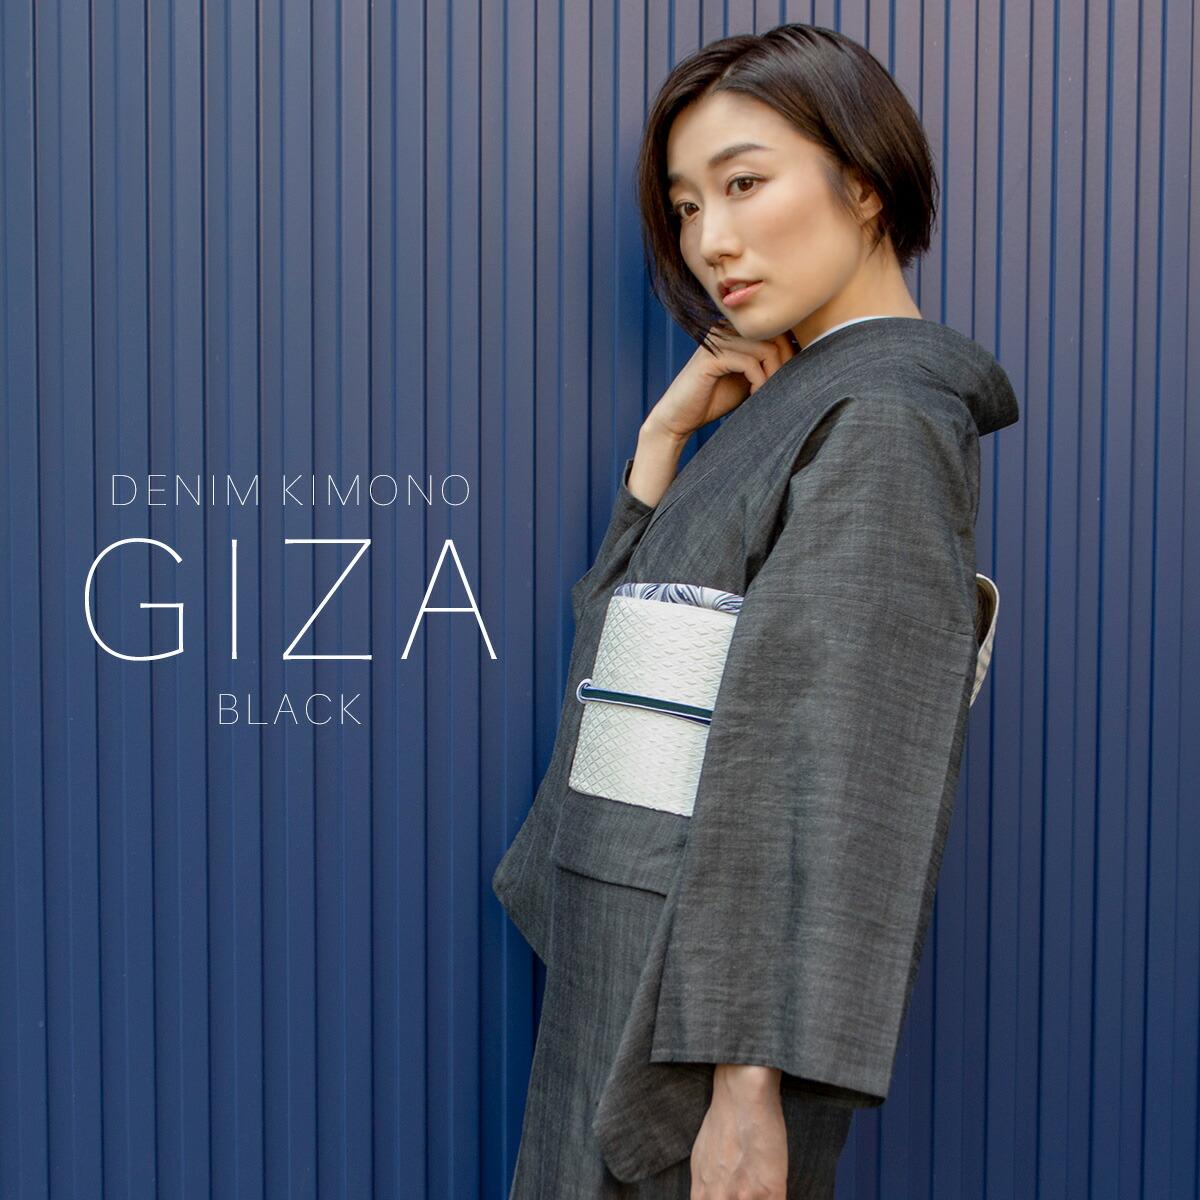 デニム着物【GIZA】 タイトルバナー